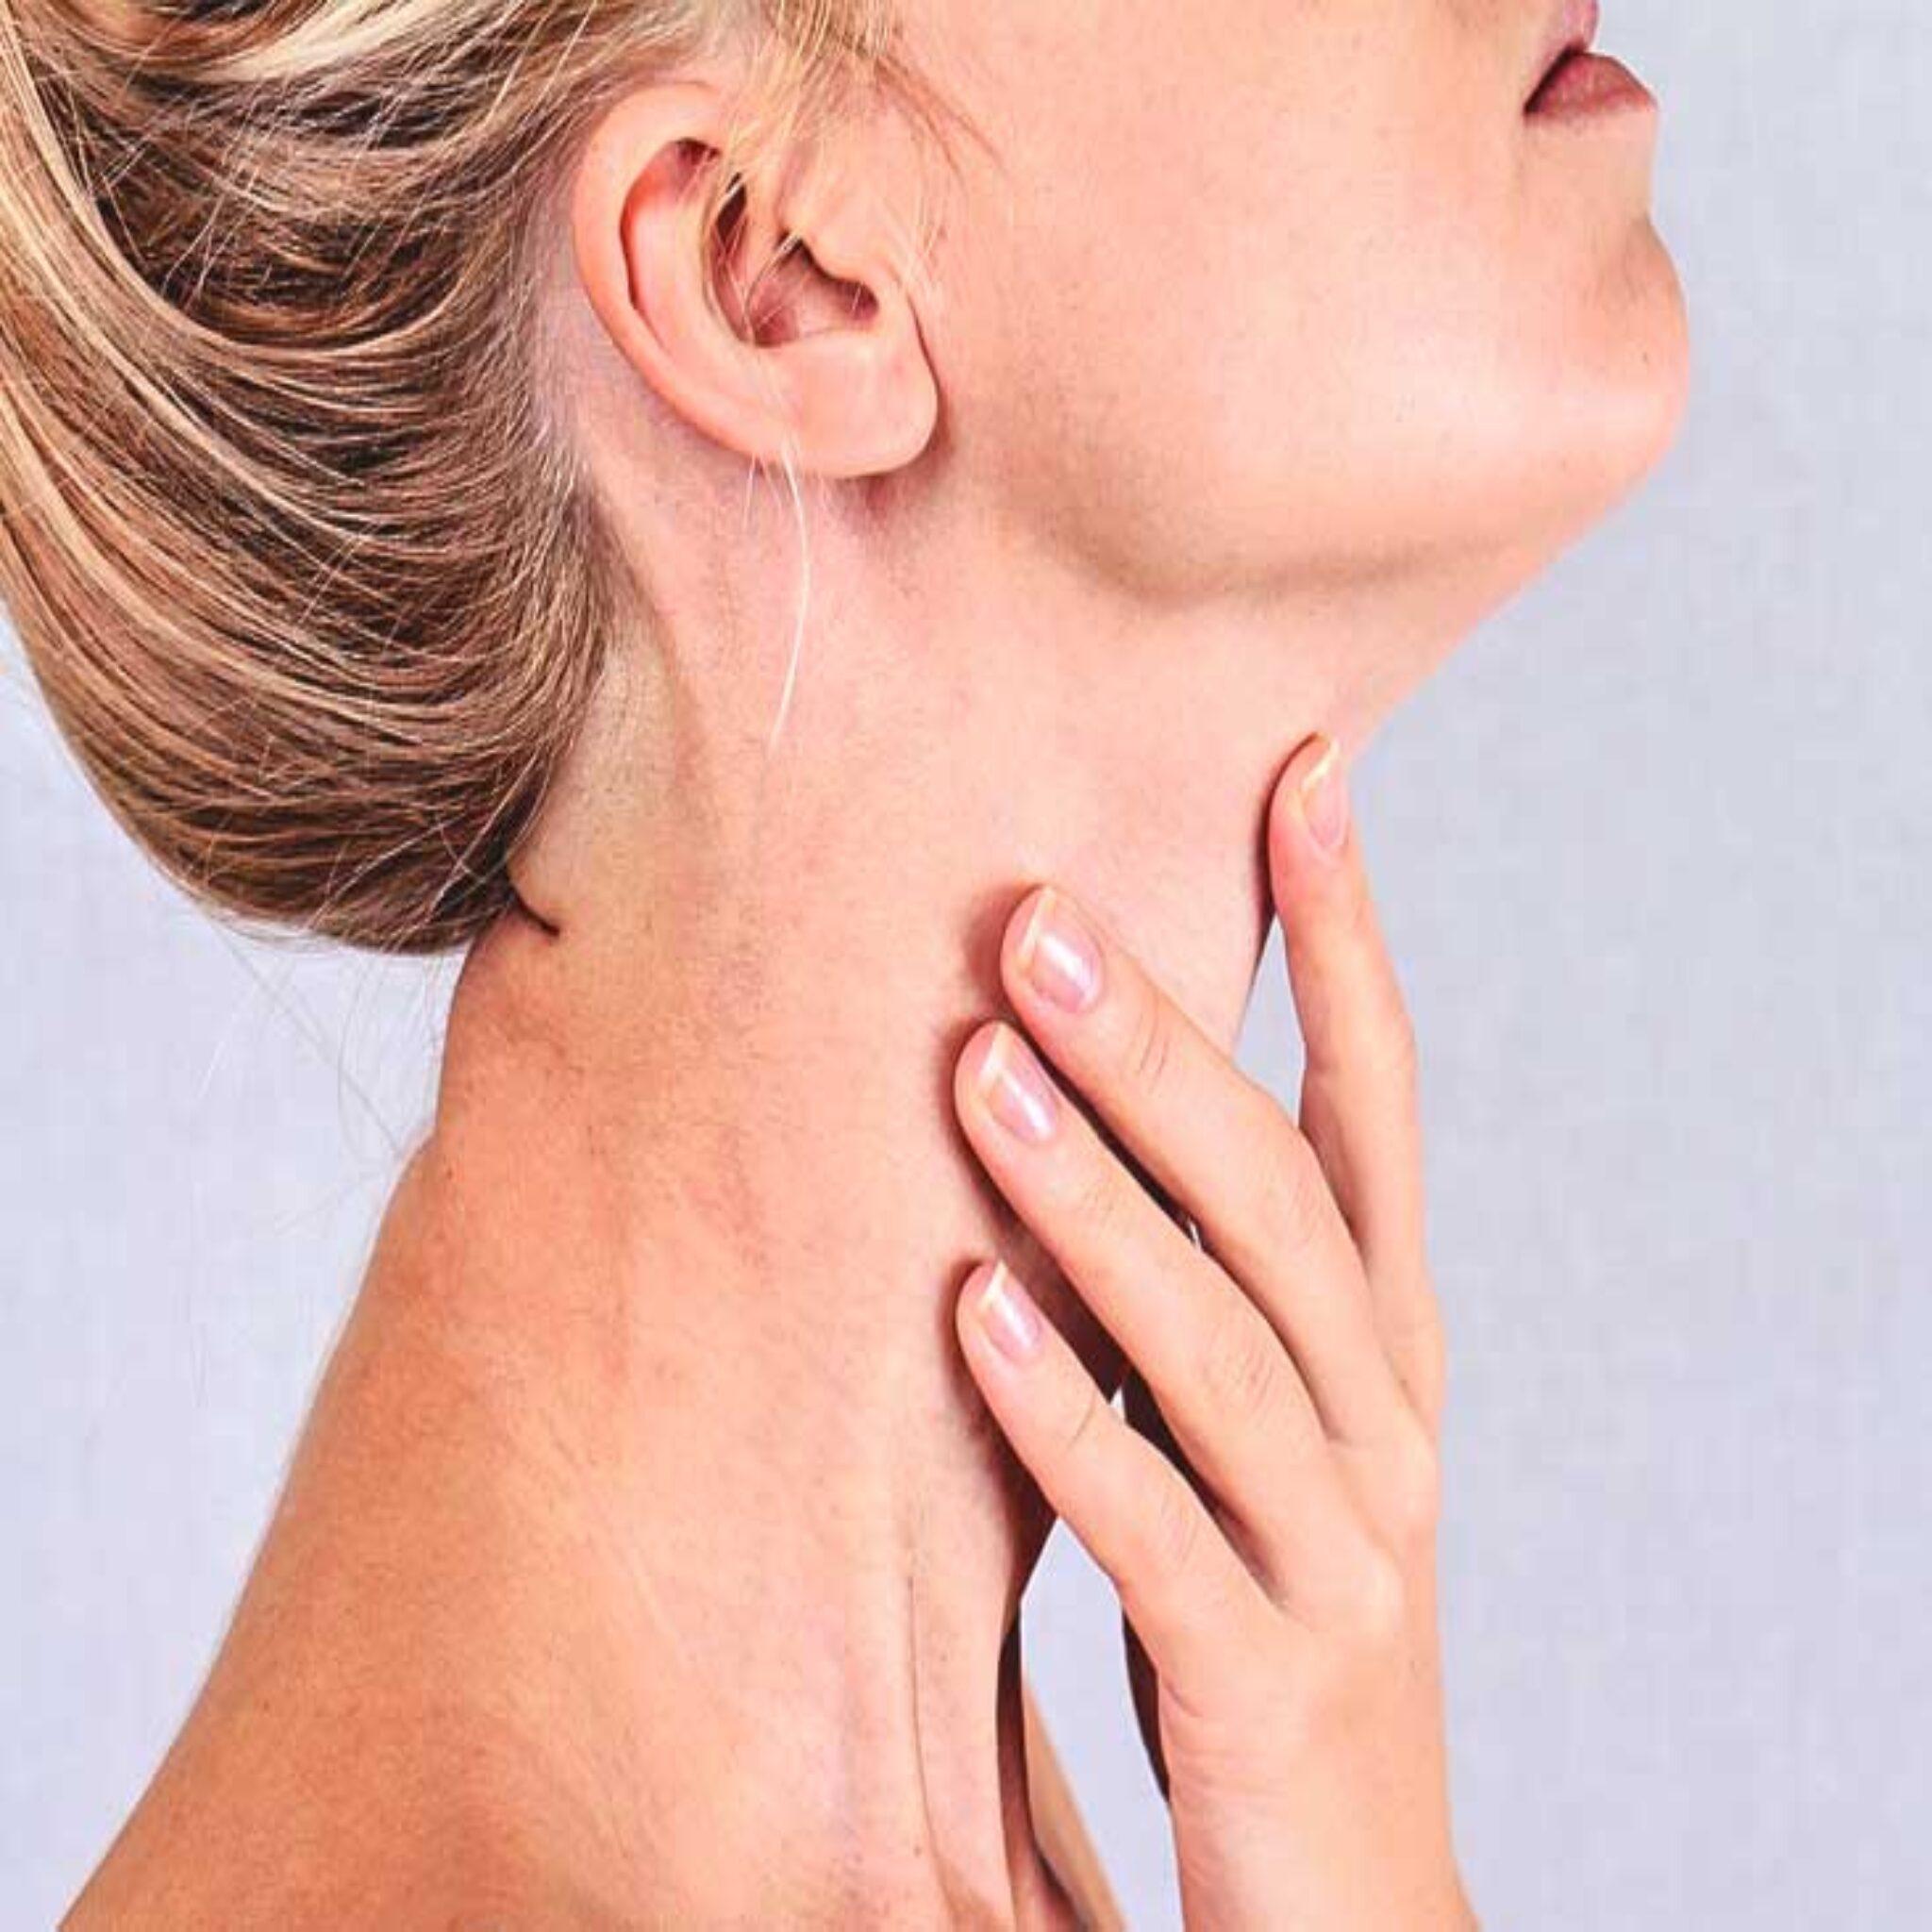 Катаральный Эзофагит Лечение Диета. Поверхностный эзофагит